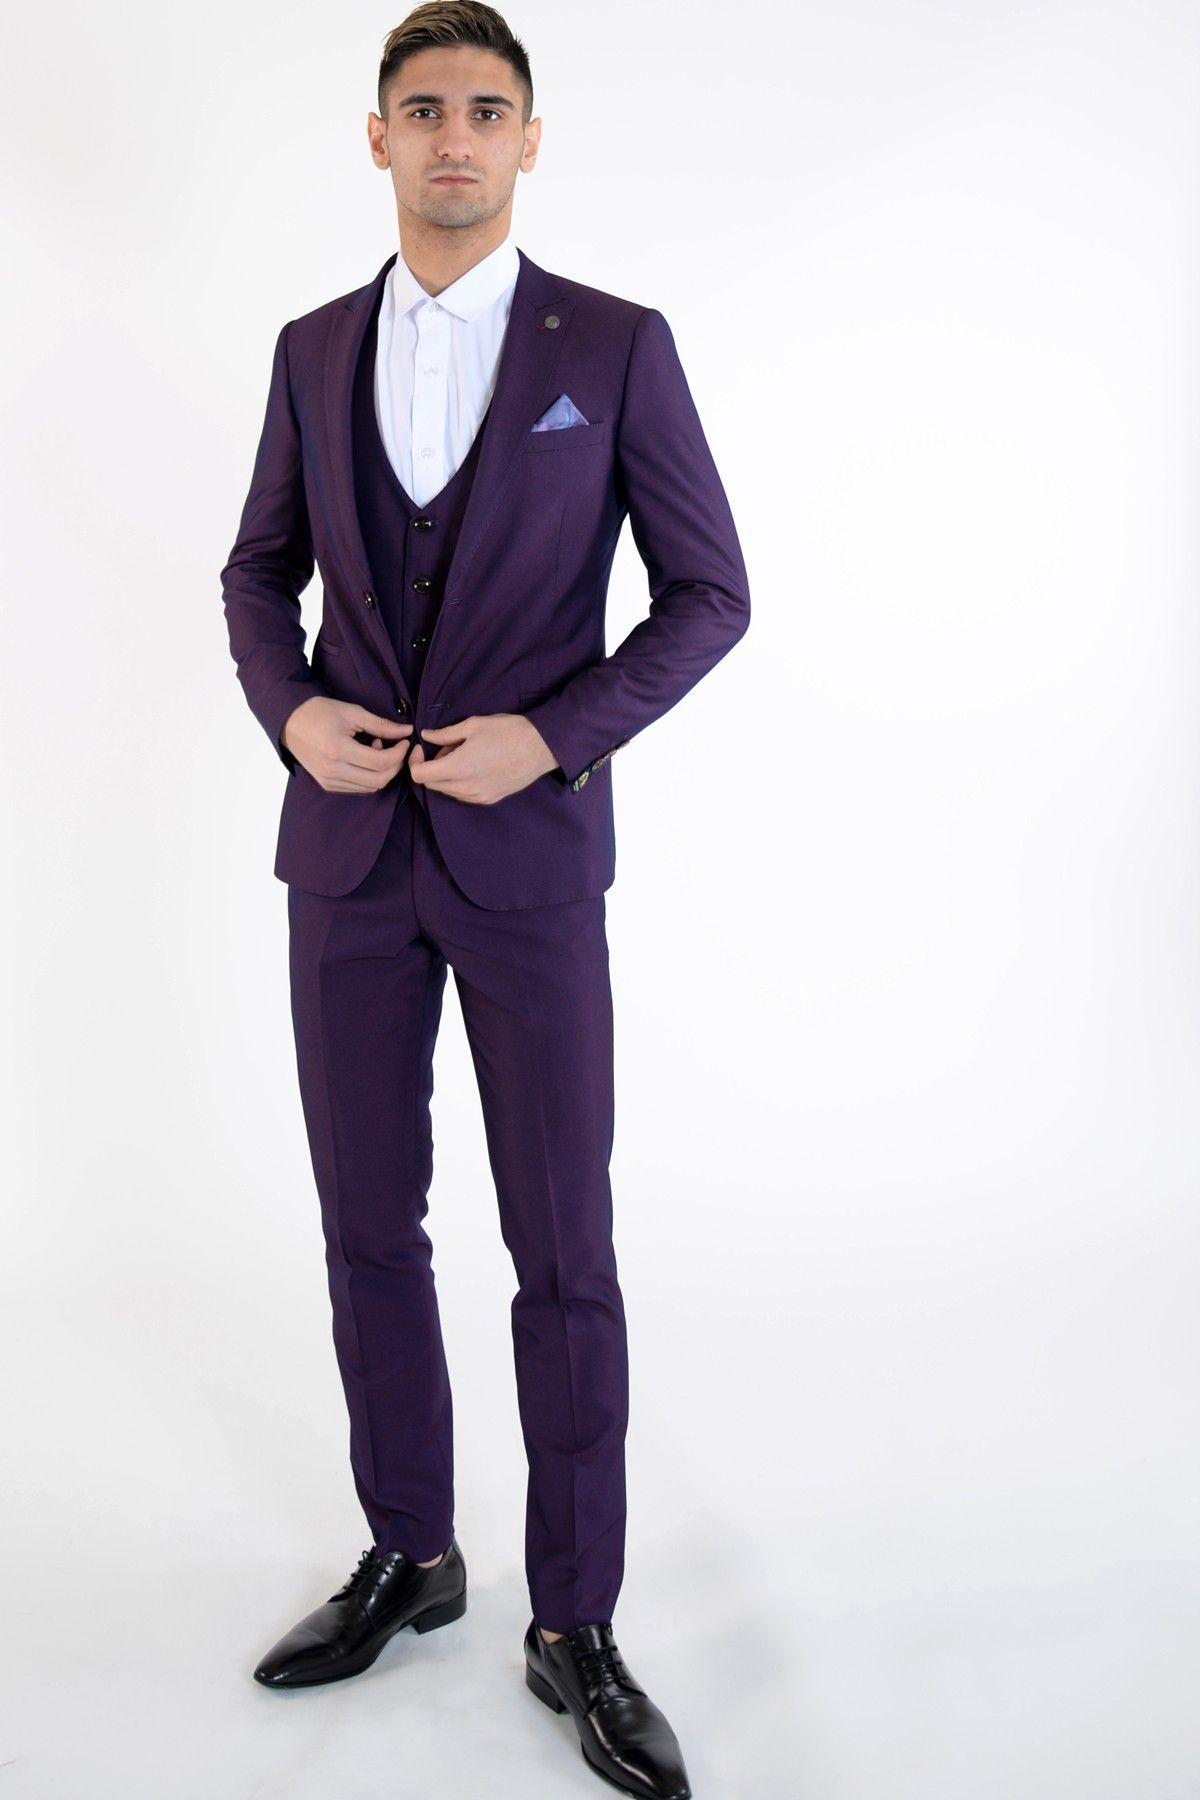 e4783421fc2 Mens Suit